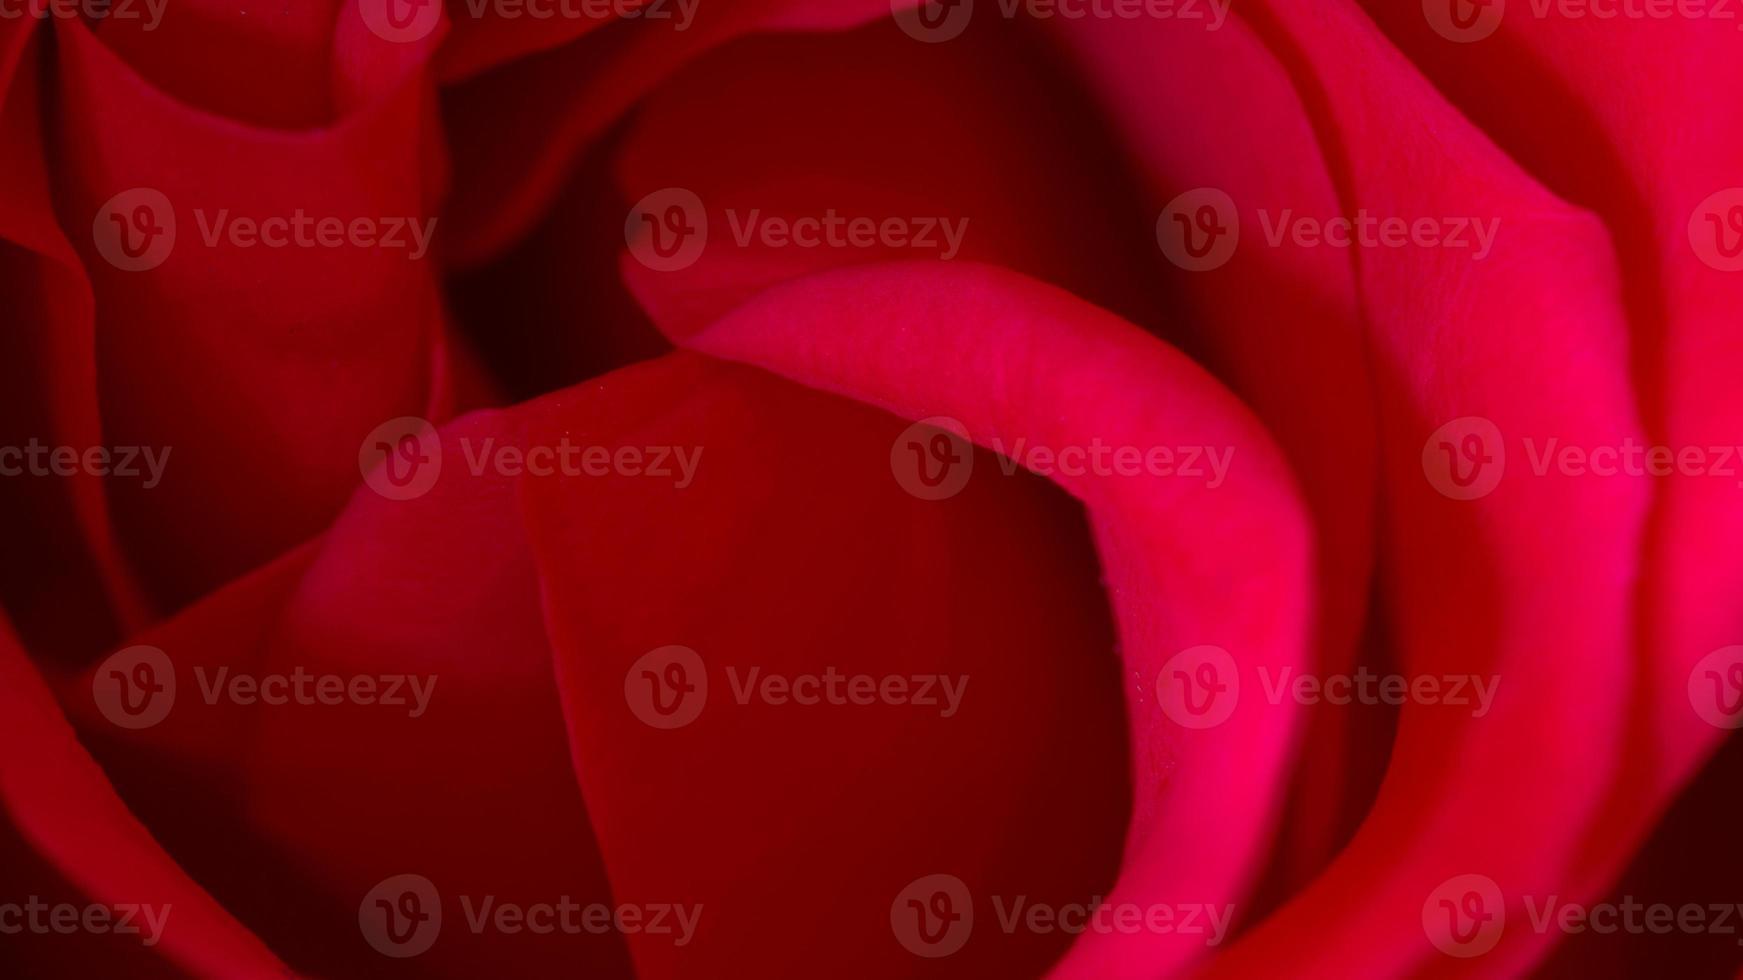 Rose rouge macro gros plan photographie symbolique de l'amour et de la compassion photo